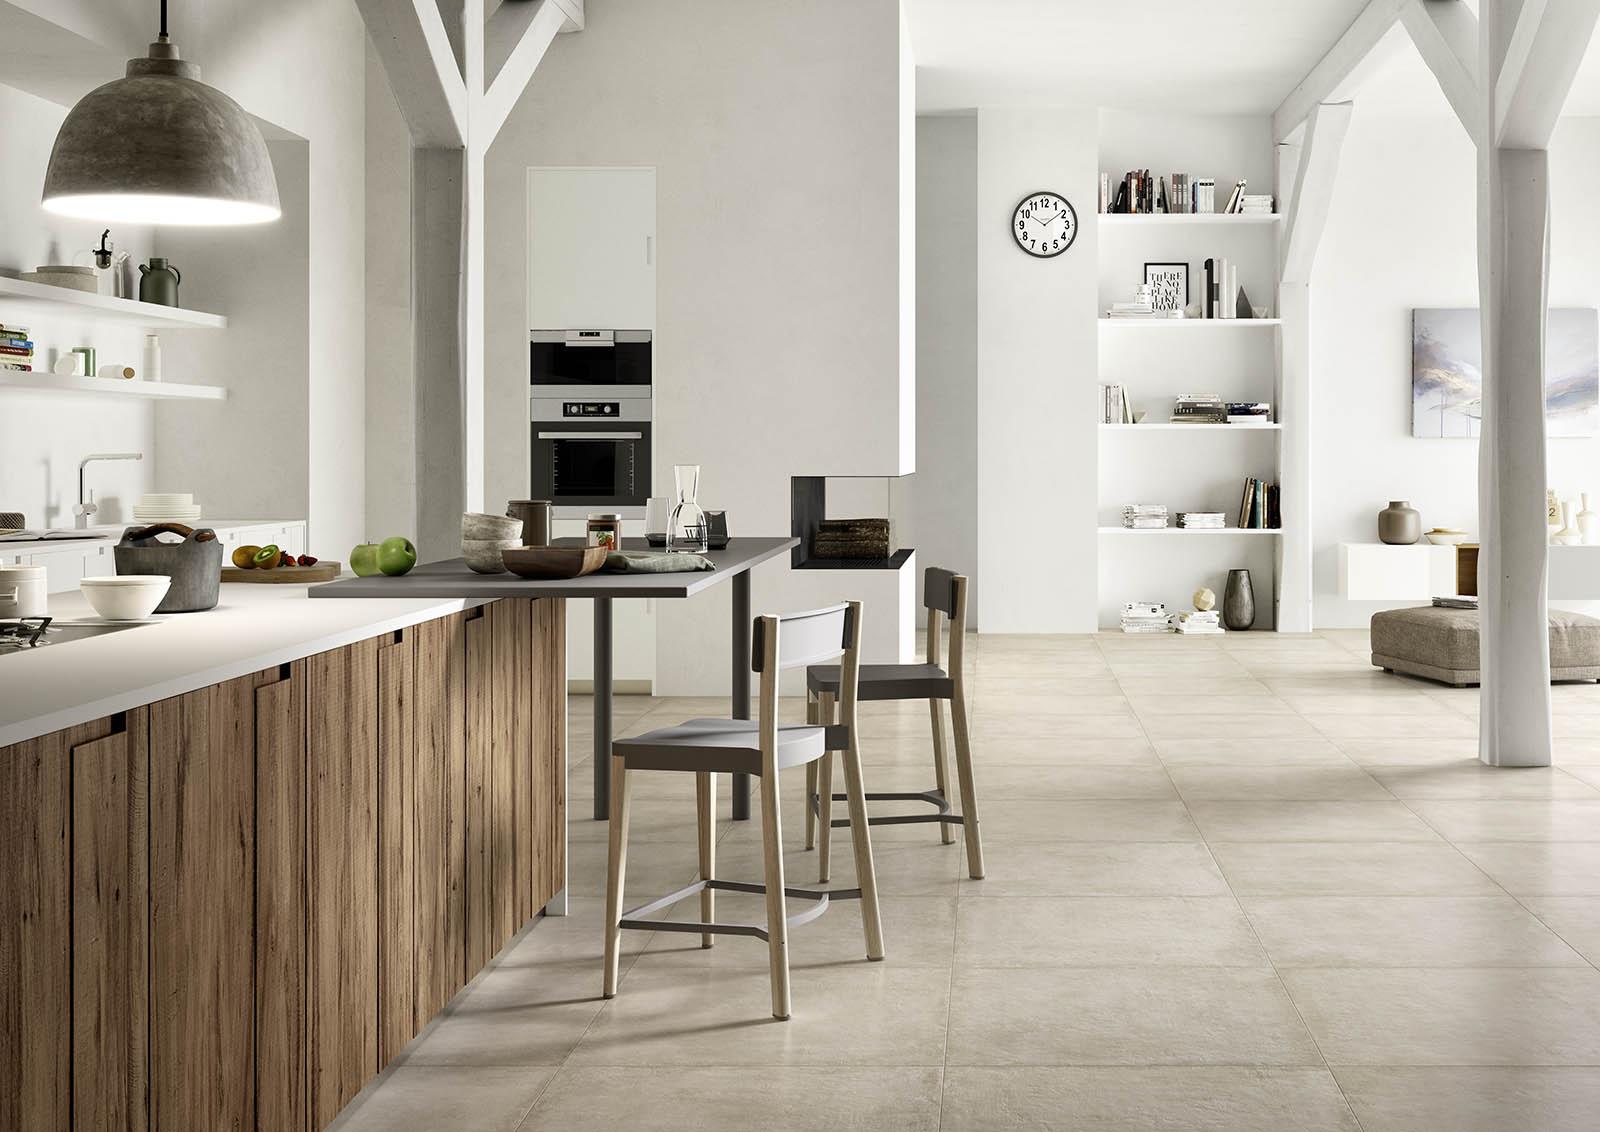 Pavimento in gres porcellanato ristrutturazione low cost - Pavimento per cucina ...